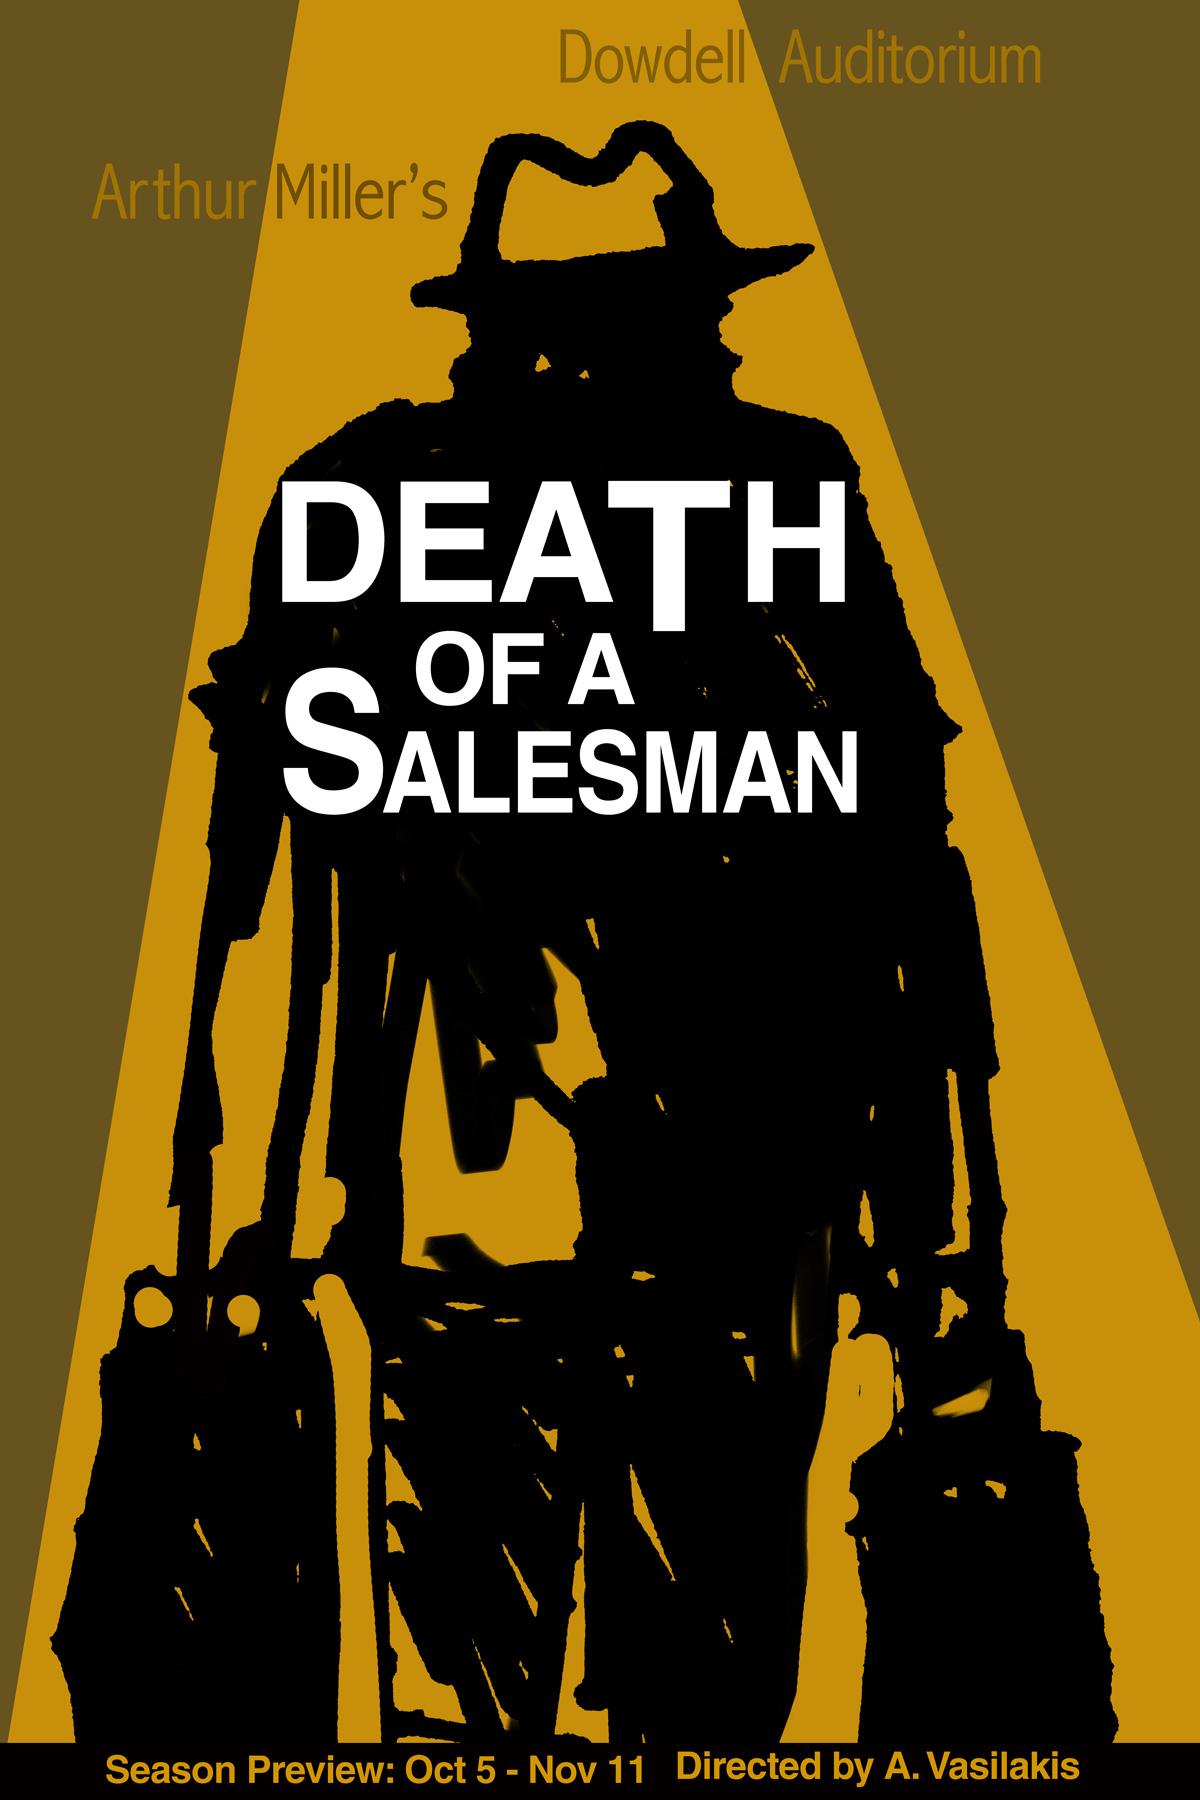 Anastasia Vasilakis / Death of a Salesman